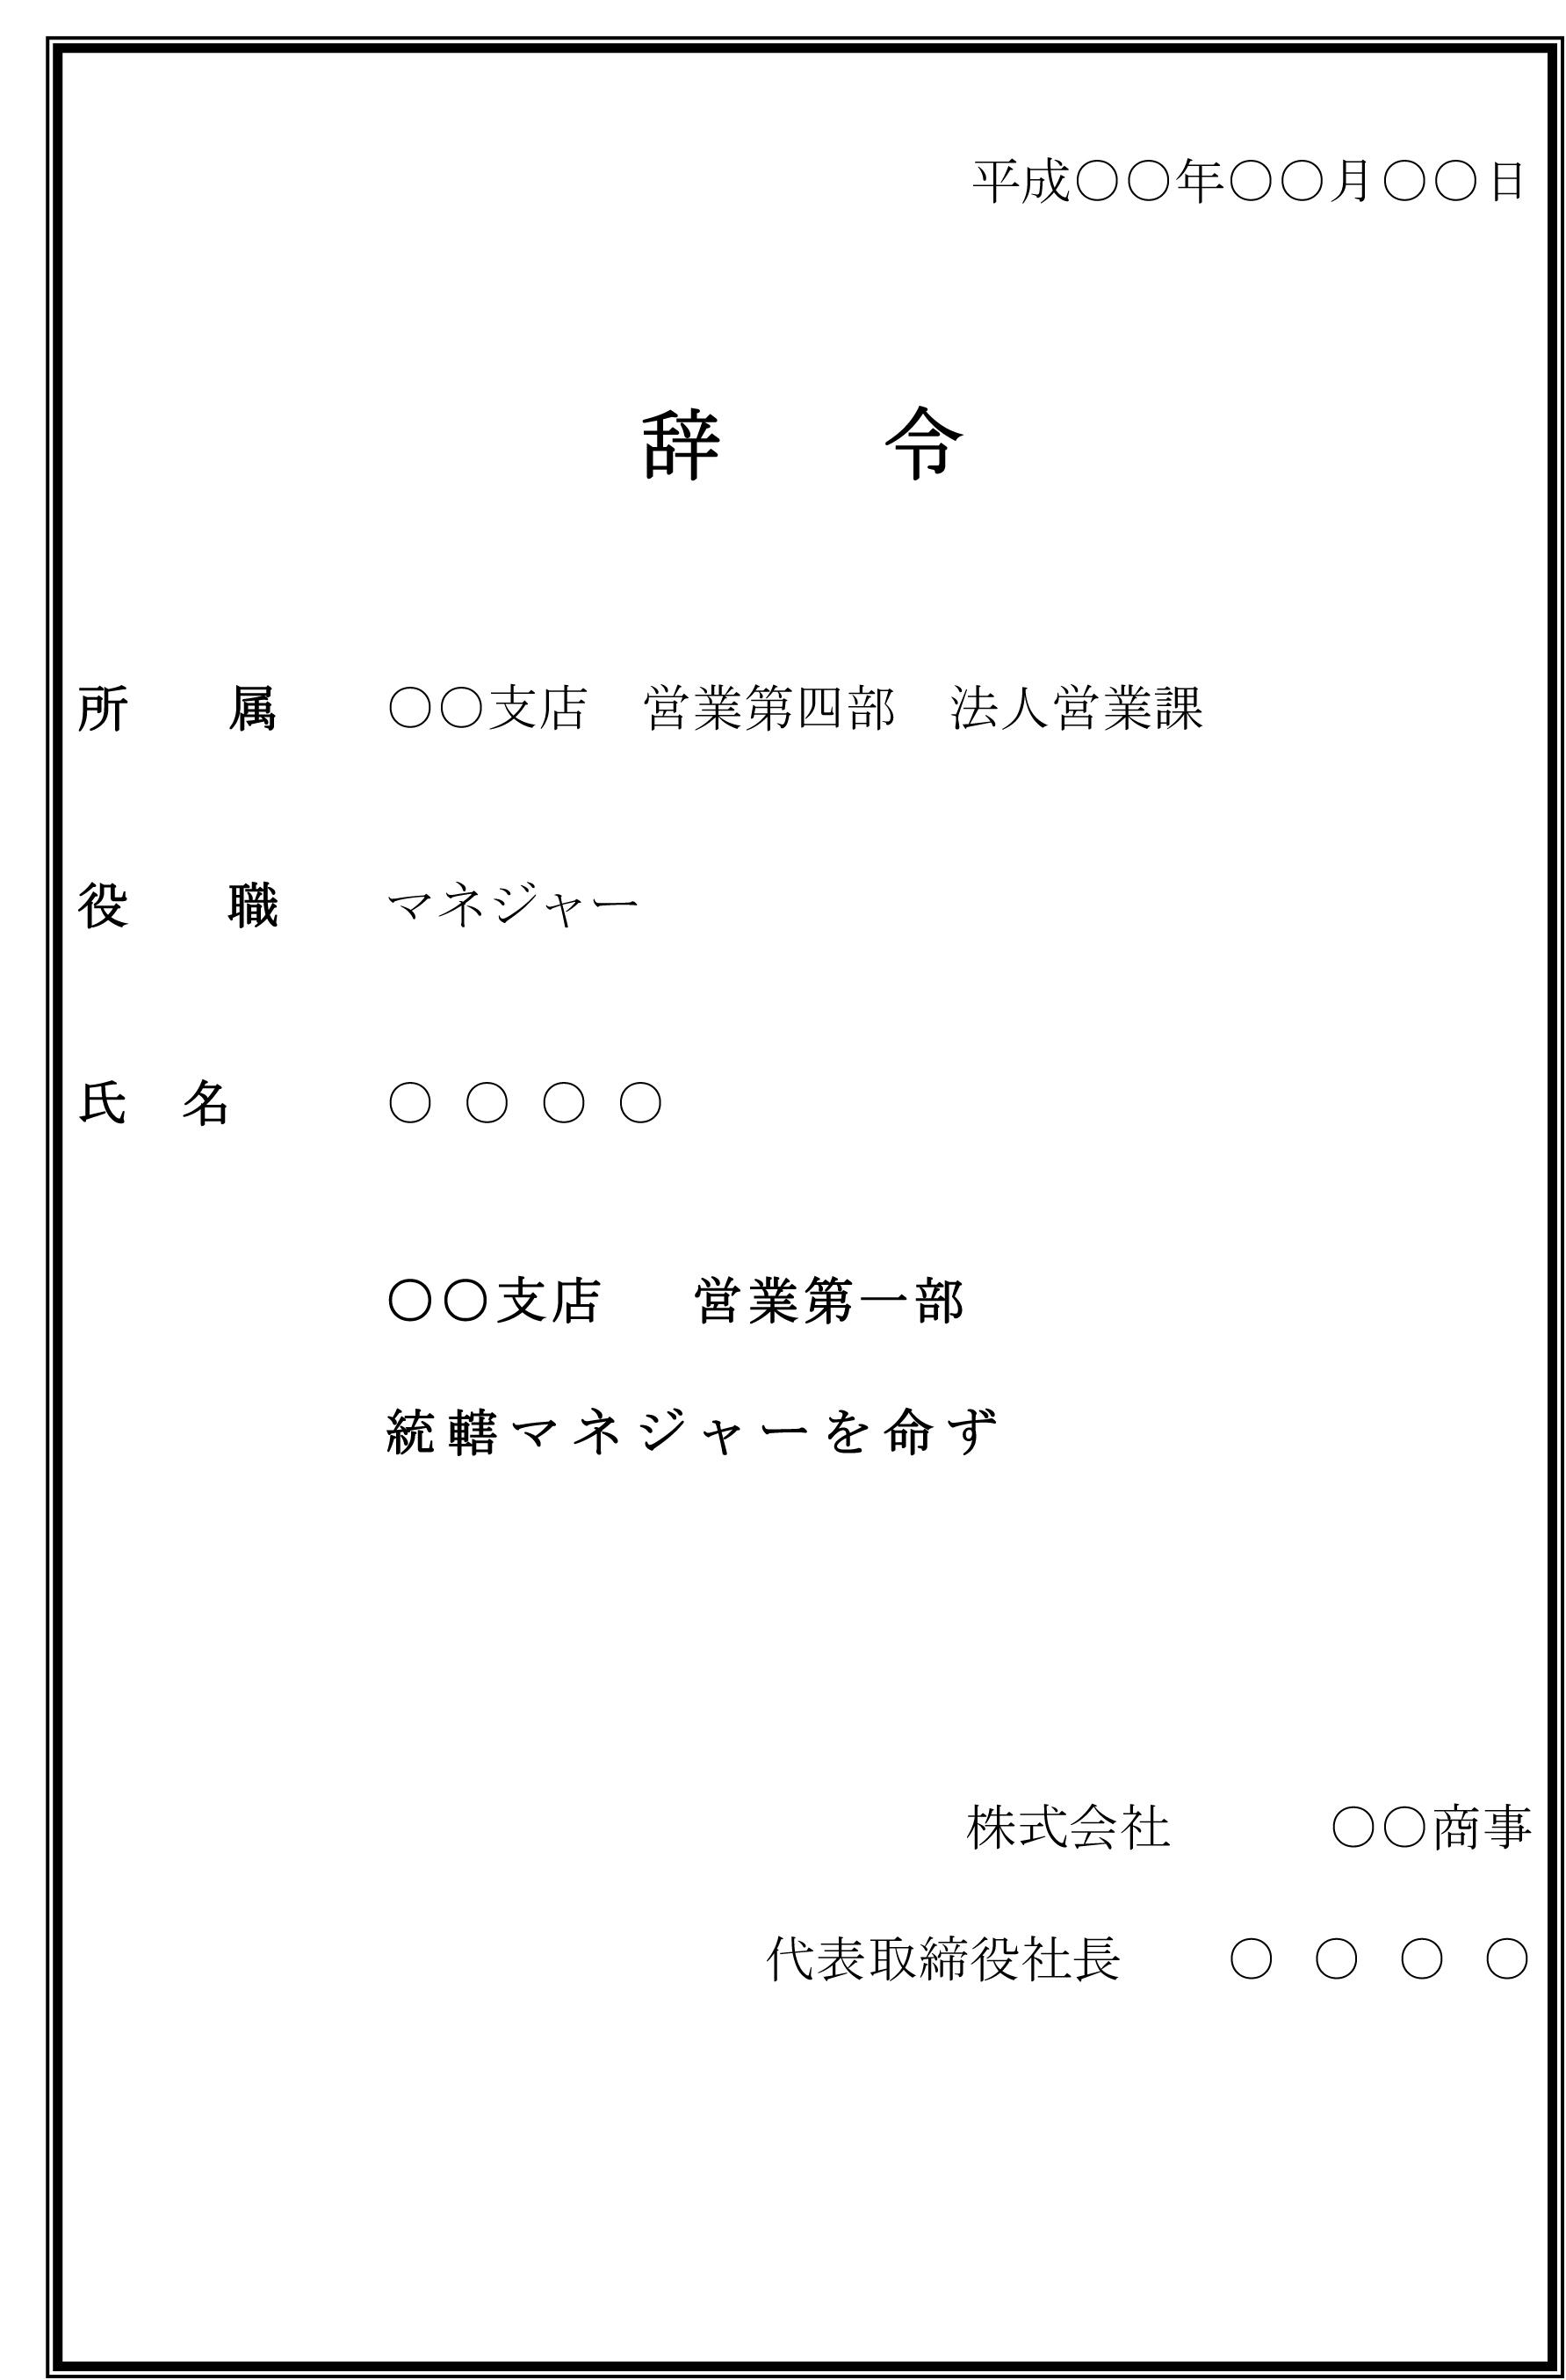 辞令(任命)01